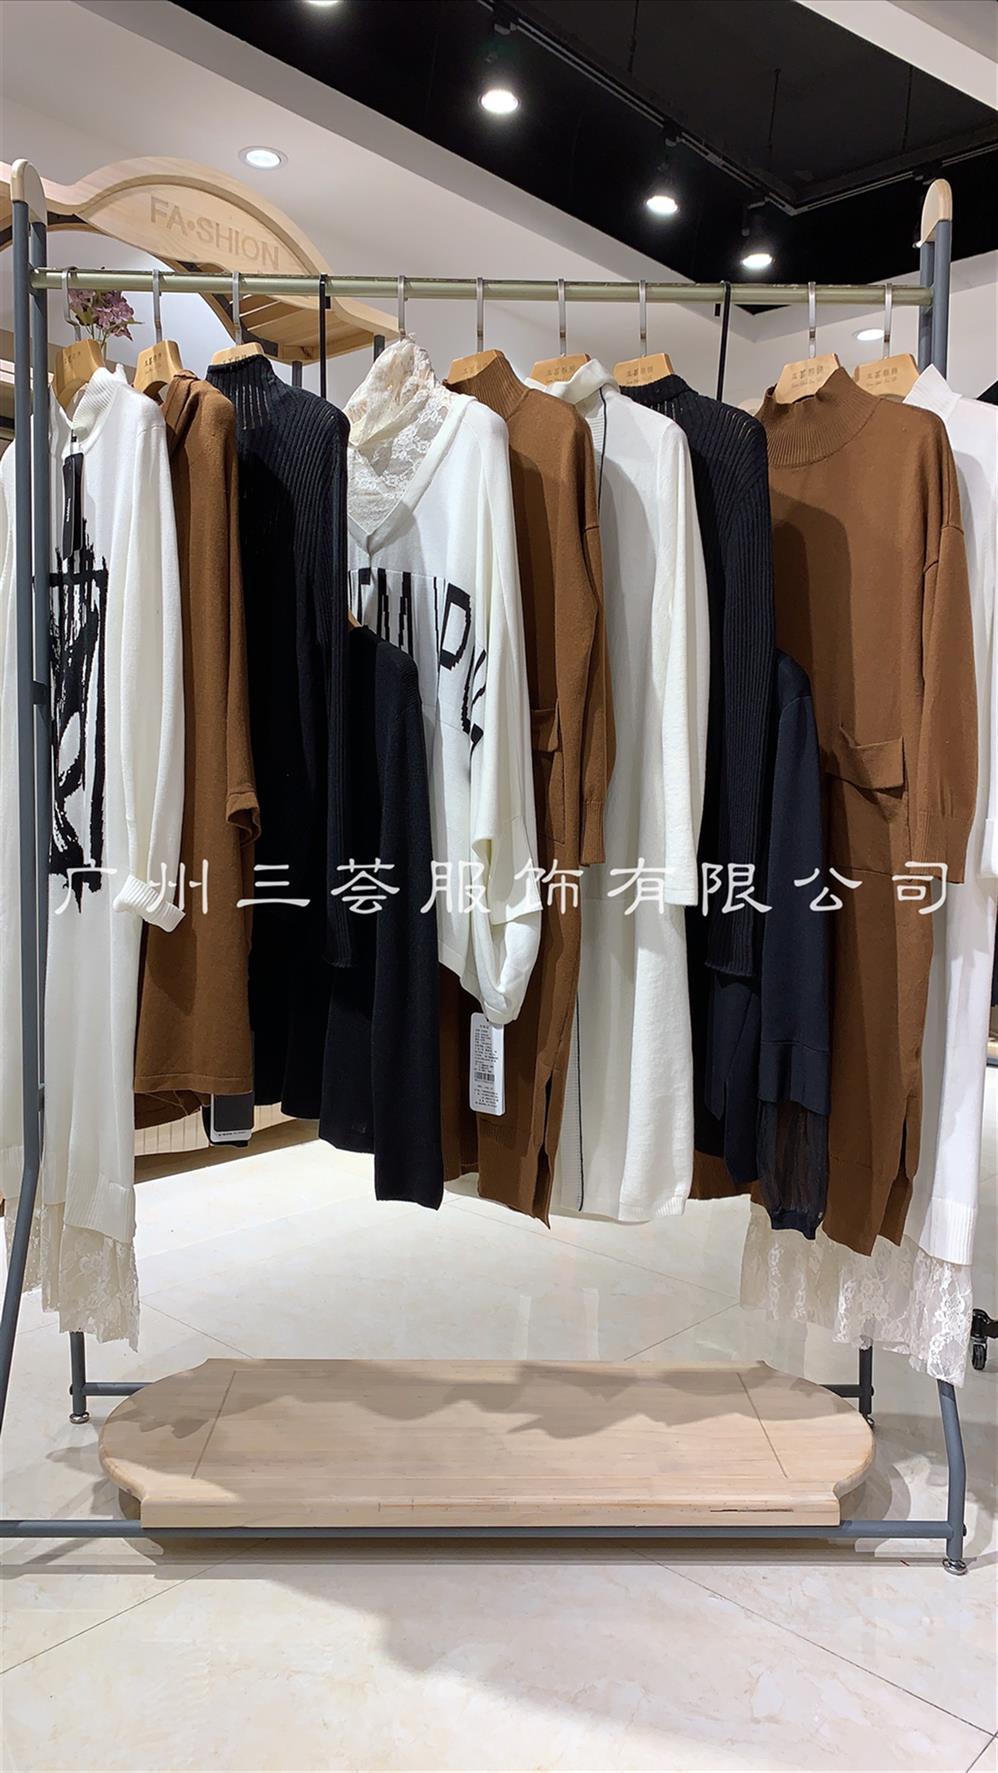 大連外貿原單服飾女裝貨源一手貨源